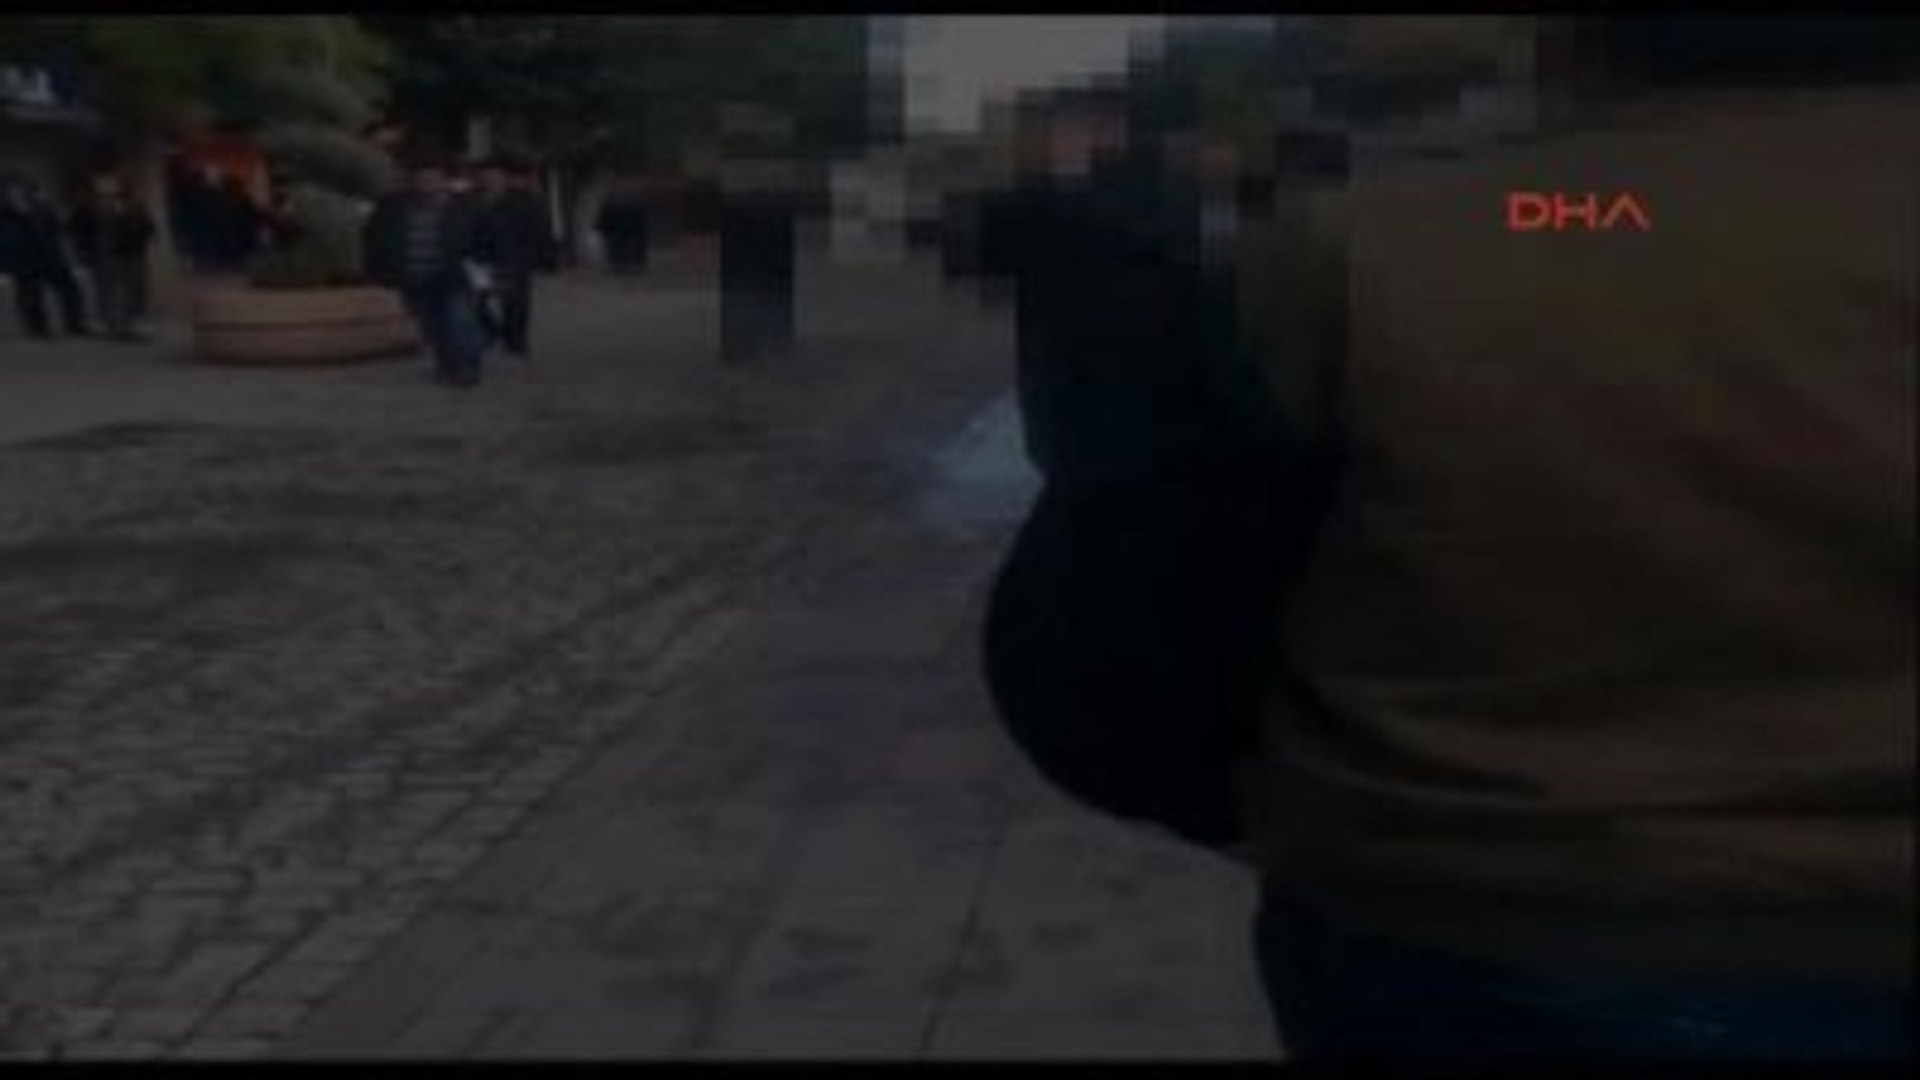 Arşiv- Konya Erdoğan'a Hakaretten Tutuklanan Lise Öğrencisinin Arşiv Görüntüsü